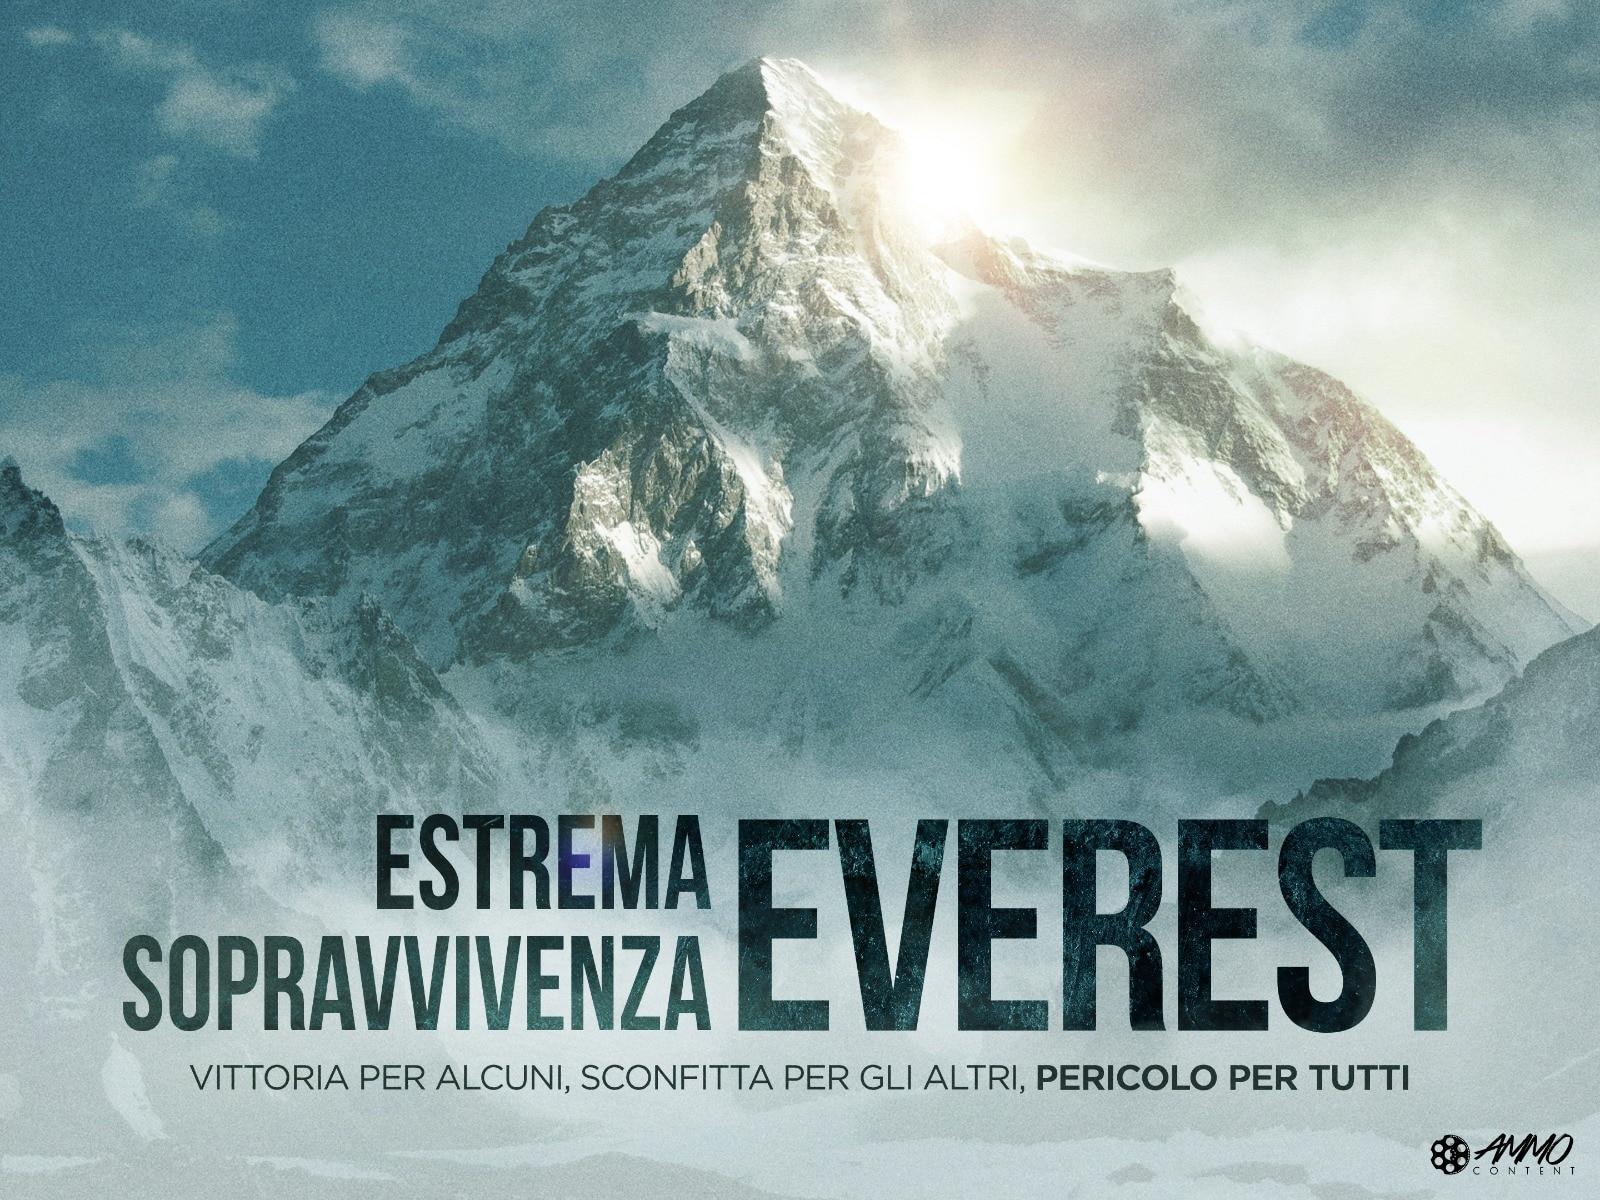 """Photo of Mountain and Chill – """"Everest Estrema sopravvivenza"""". Una serie che porta in vetta al più alto degli Ottomila ma in locandina compare il K2"""